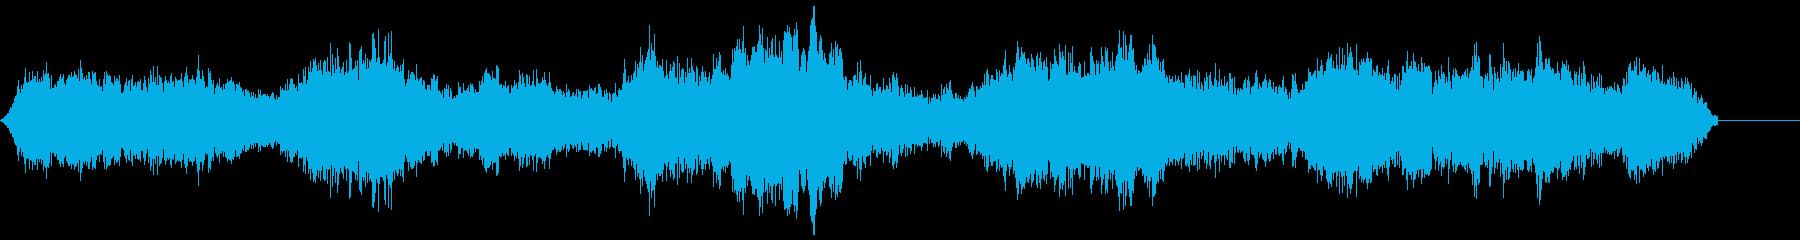 ゾンビ(グループ)うめき声3の再生済みの波形